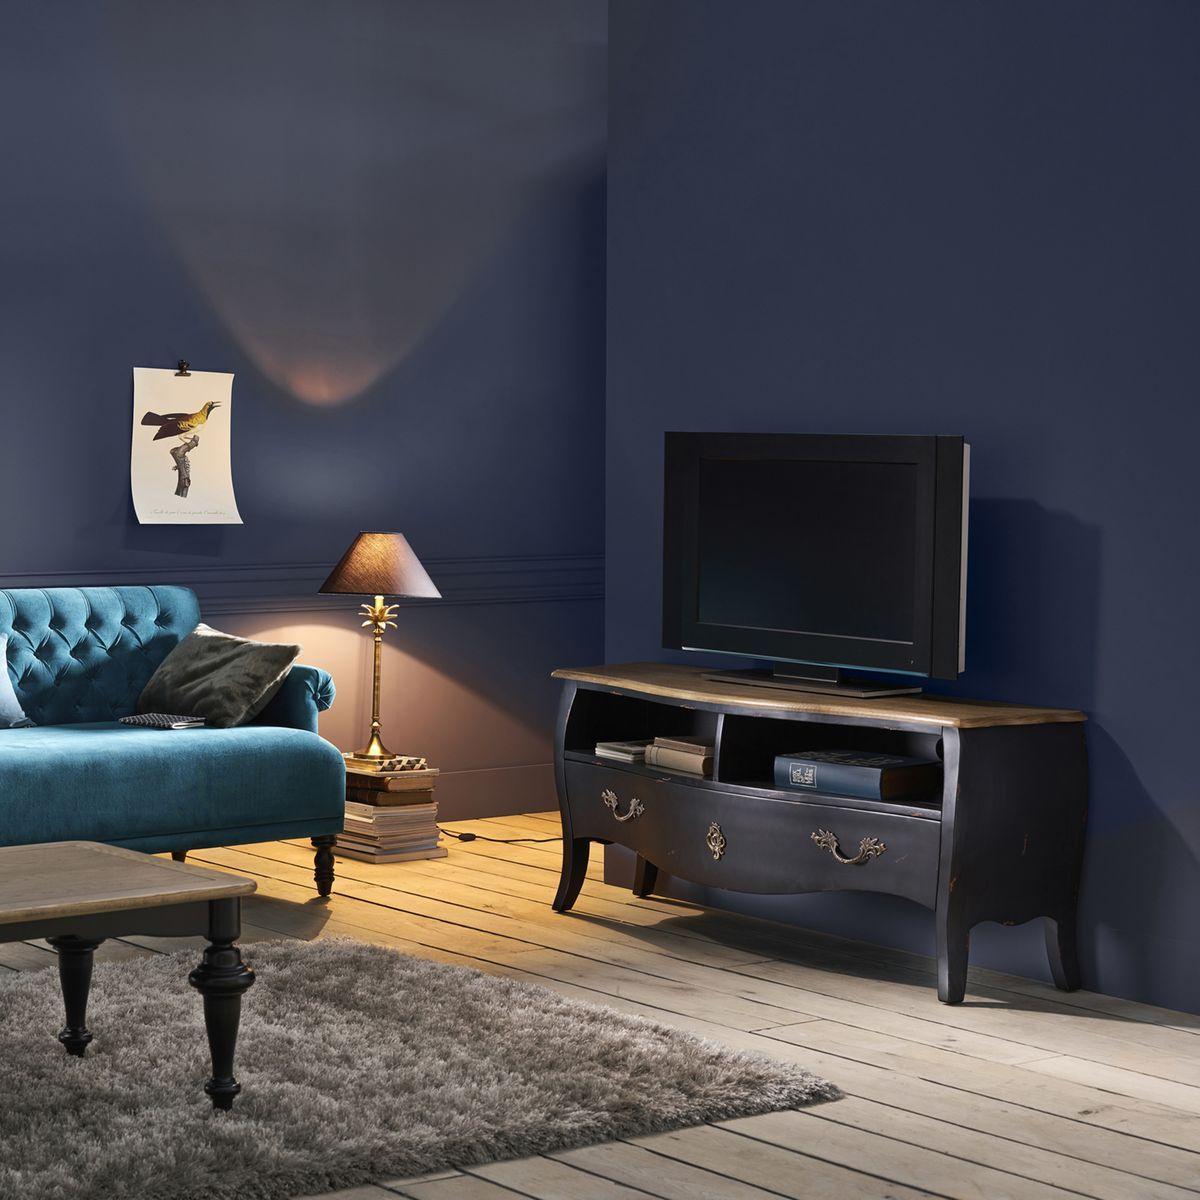 Banc Tv Lipstick Noir Meuble Tv La Redoute Interieurs Iziva Com Banc Tv Meuble Tv Mobilier De Salon